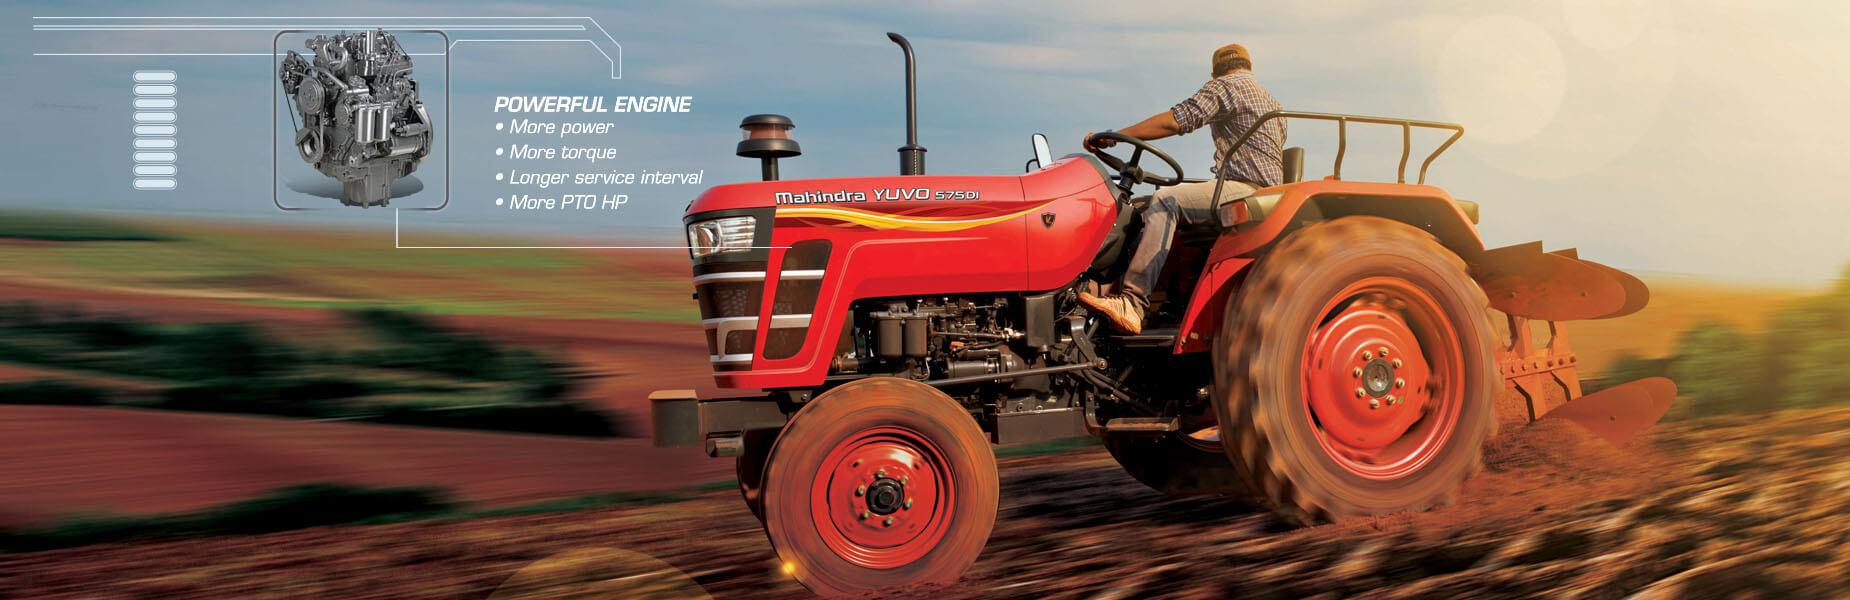 Mahindra Yuvo Tractors